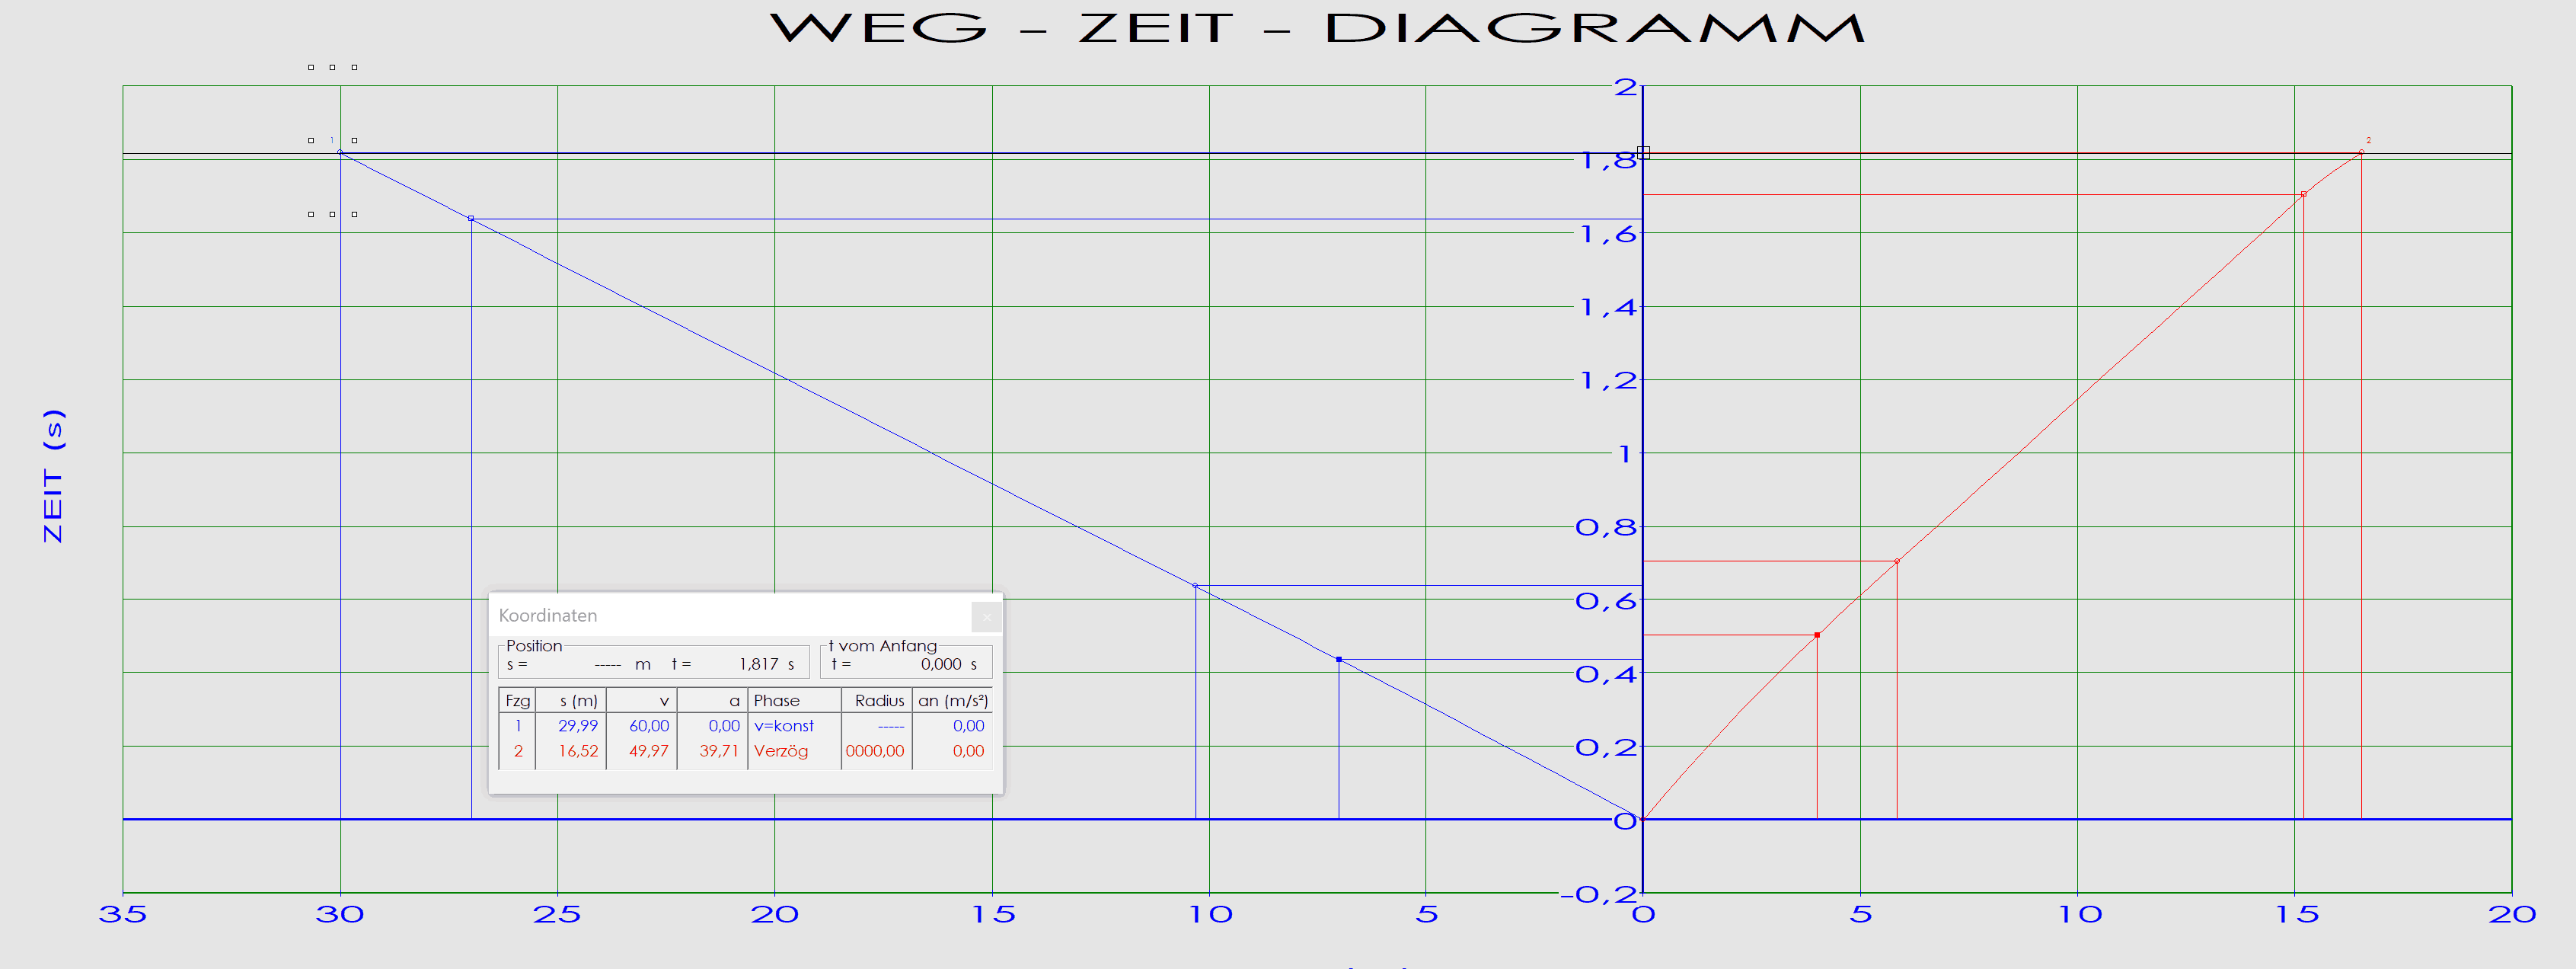 Großartig Unfalldiagramm Bilder - Der Schaltplan - raydavisrealtor.info